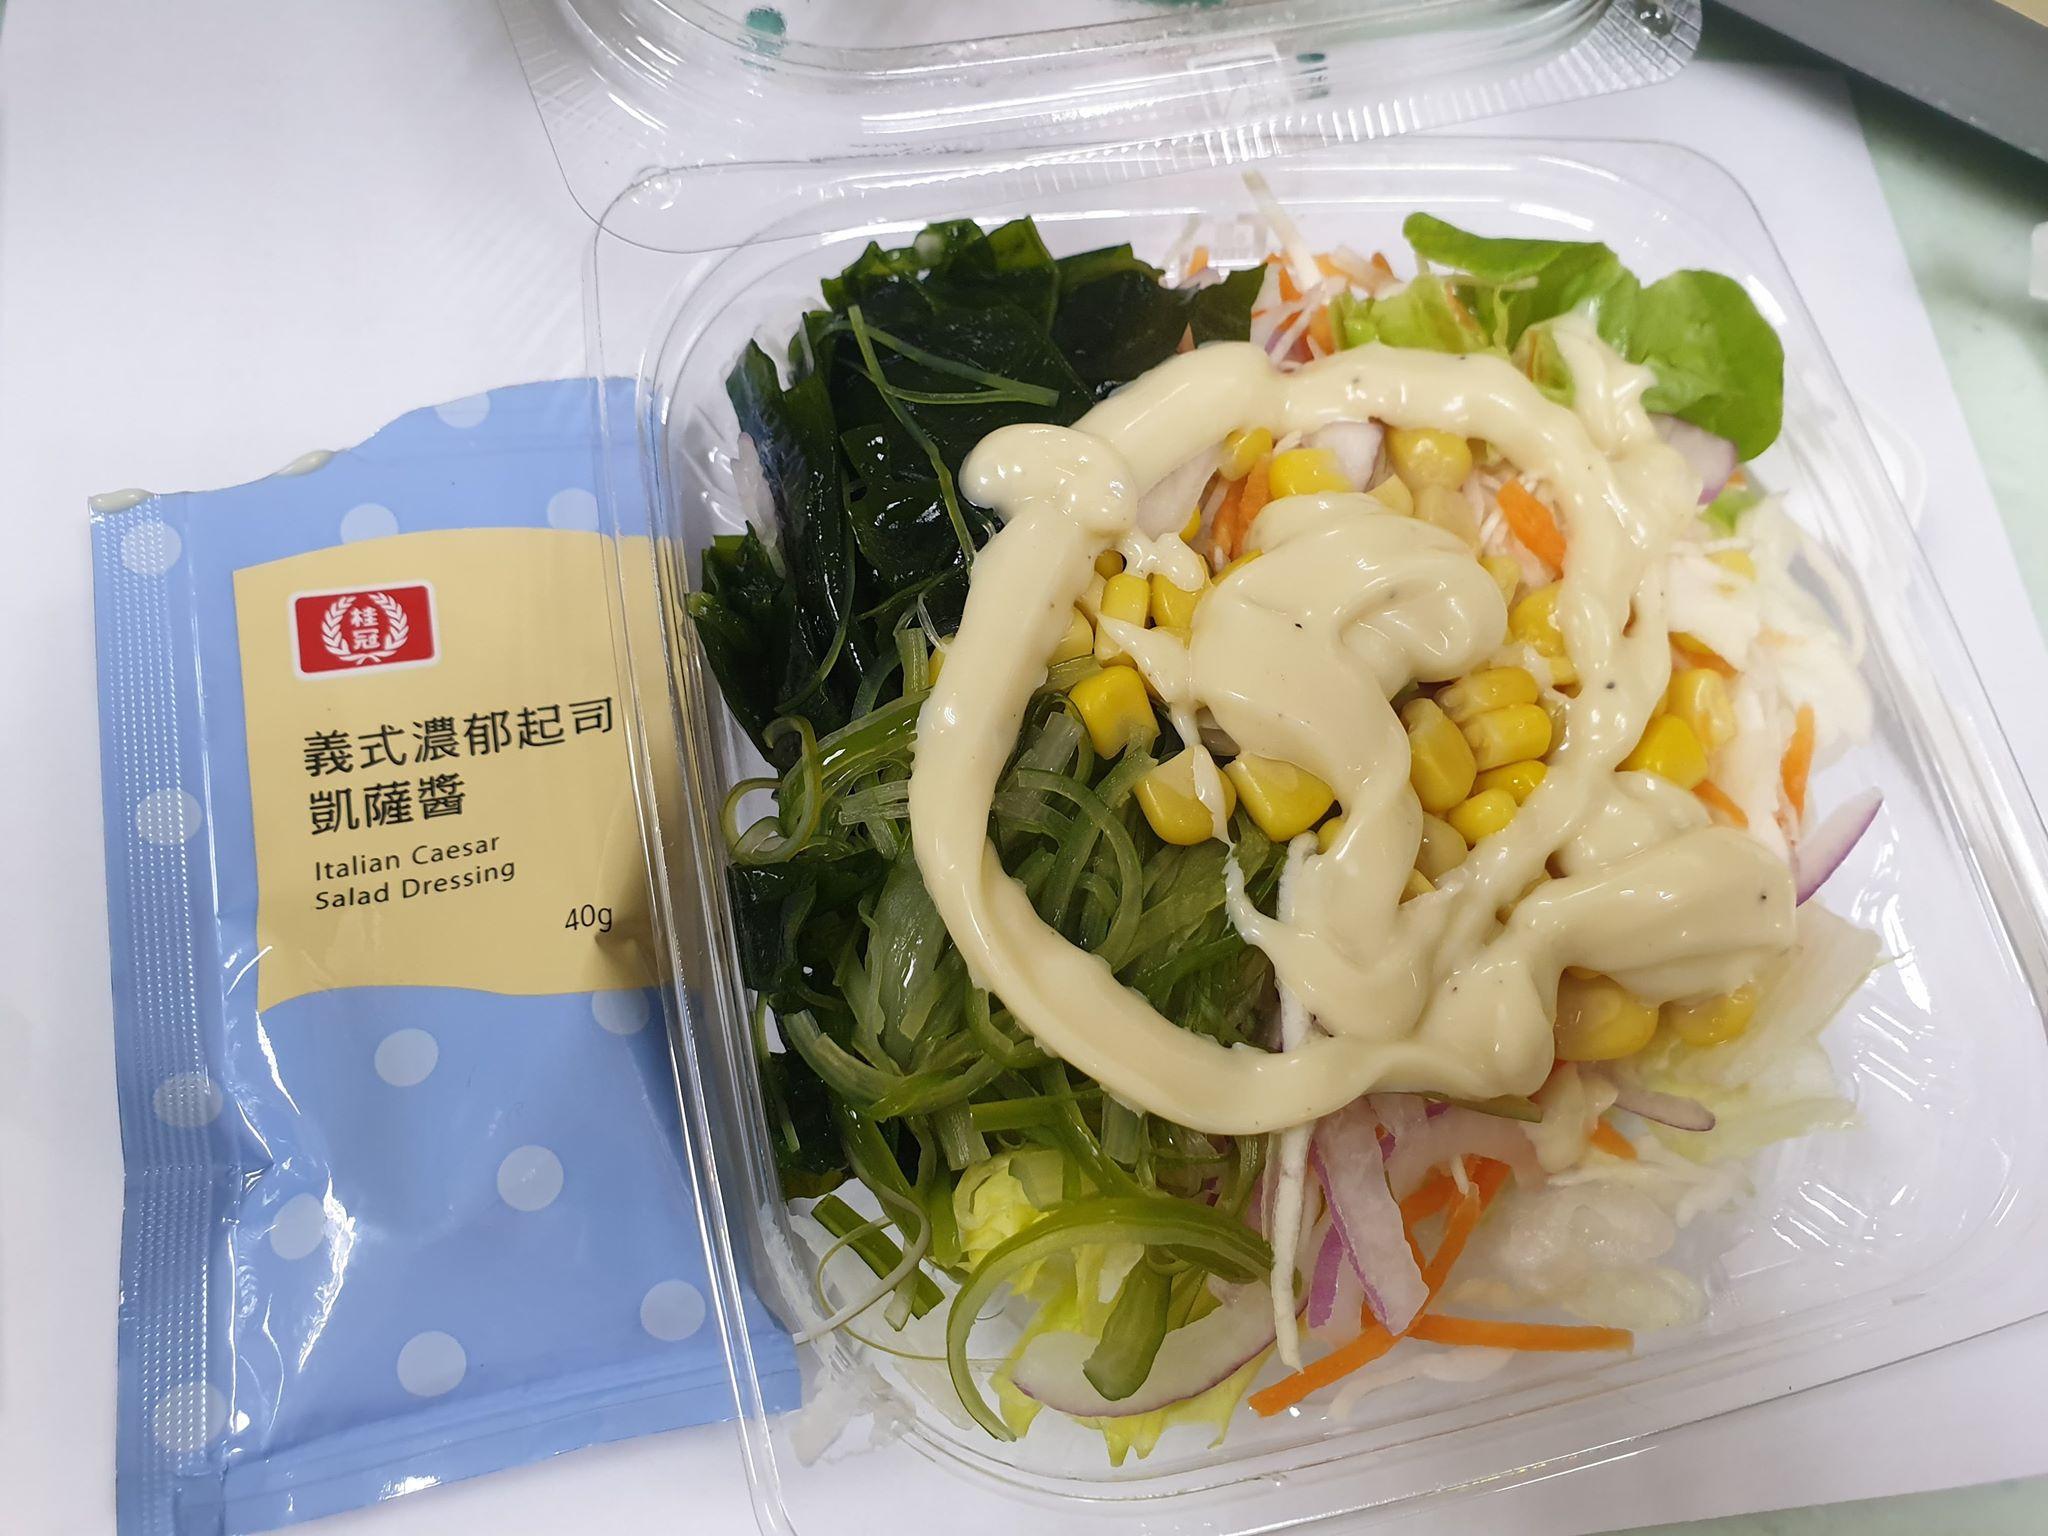 桂冠風味沙拉體驗心得的第 4 張圖片